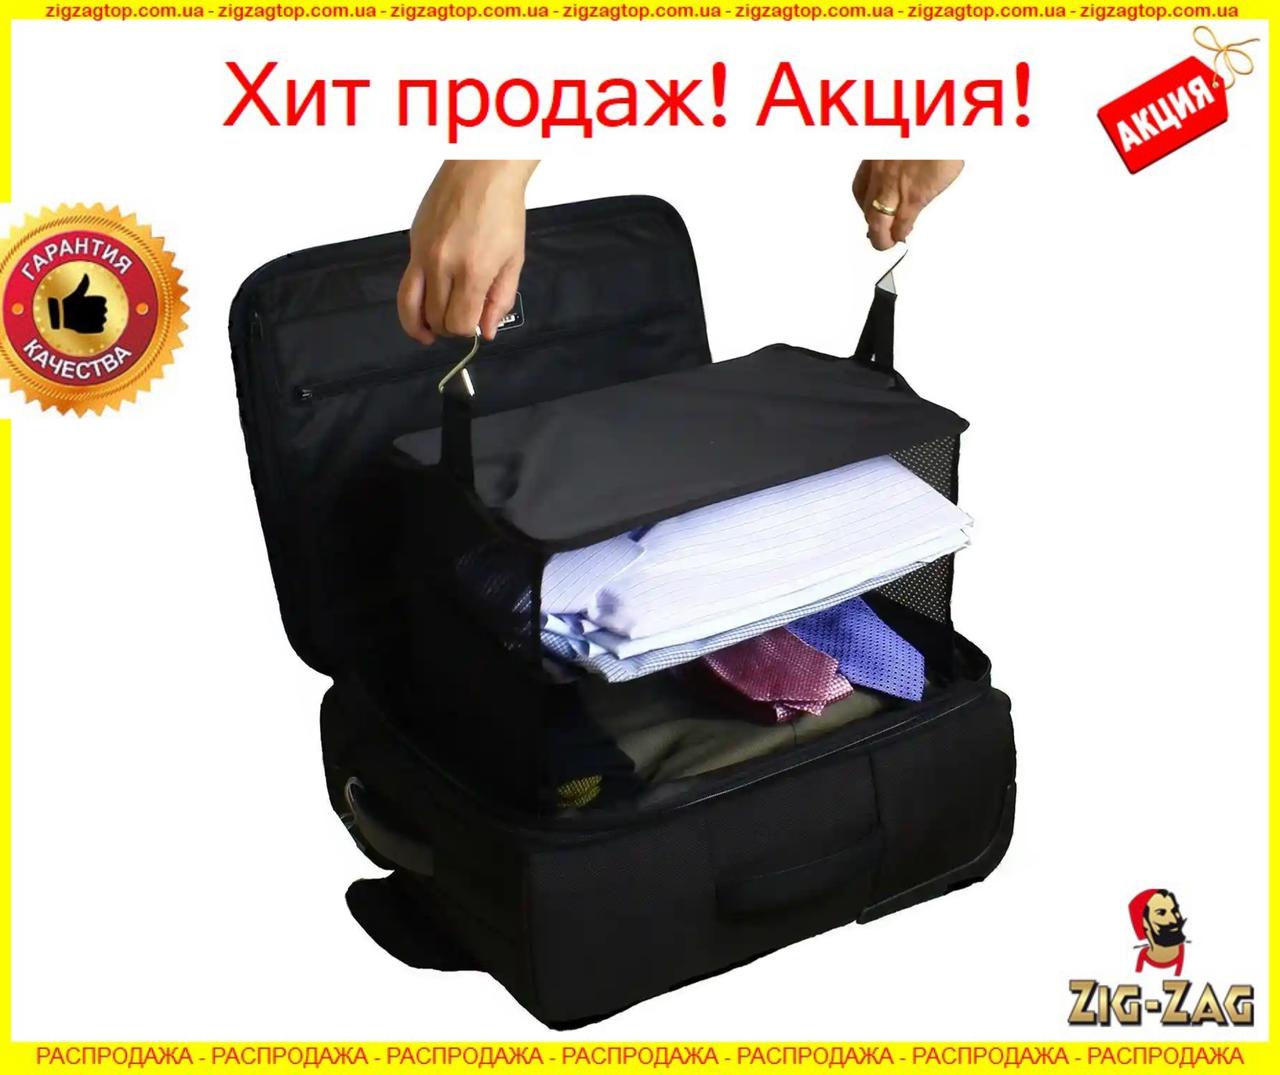 Органайзер Вещей сумка Трансформер в чемодан Stow-N-Go NORS-4 для Багажа, одежды Туристическая